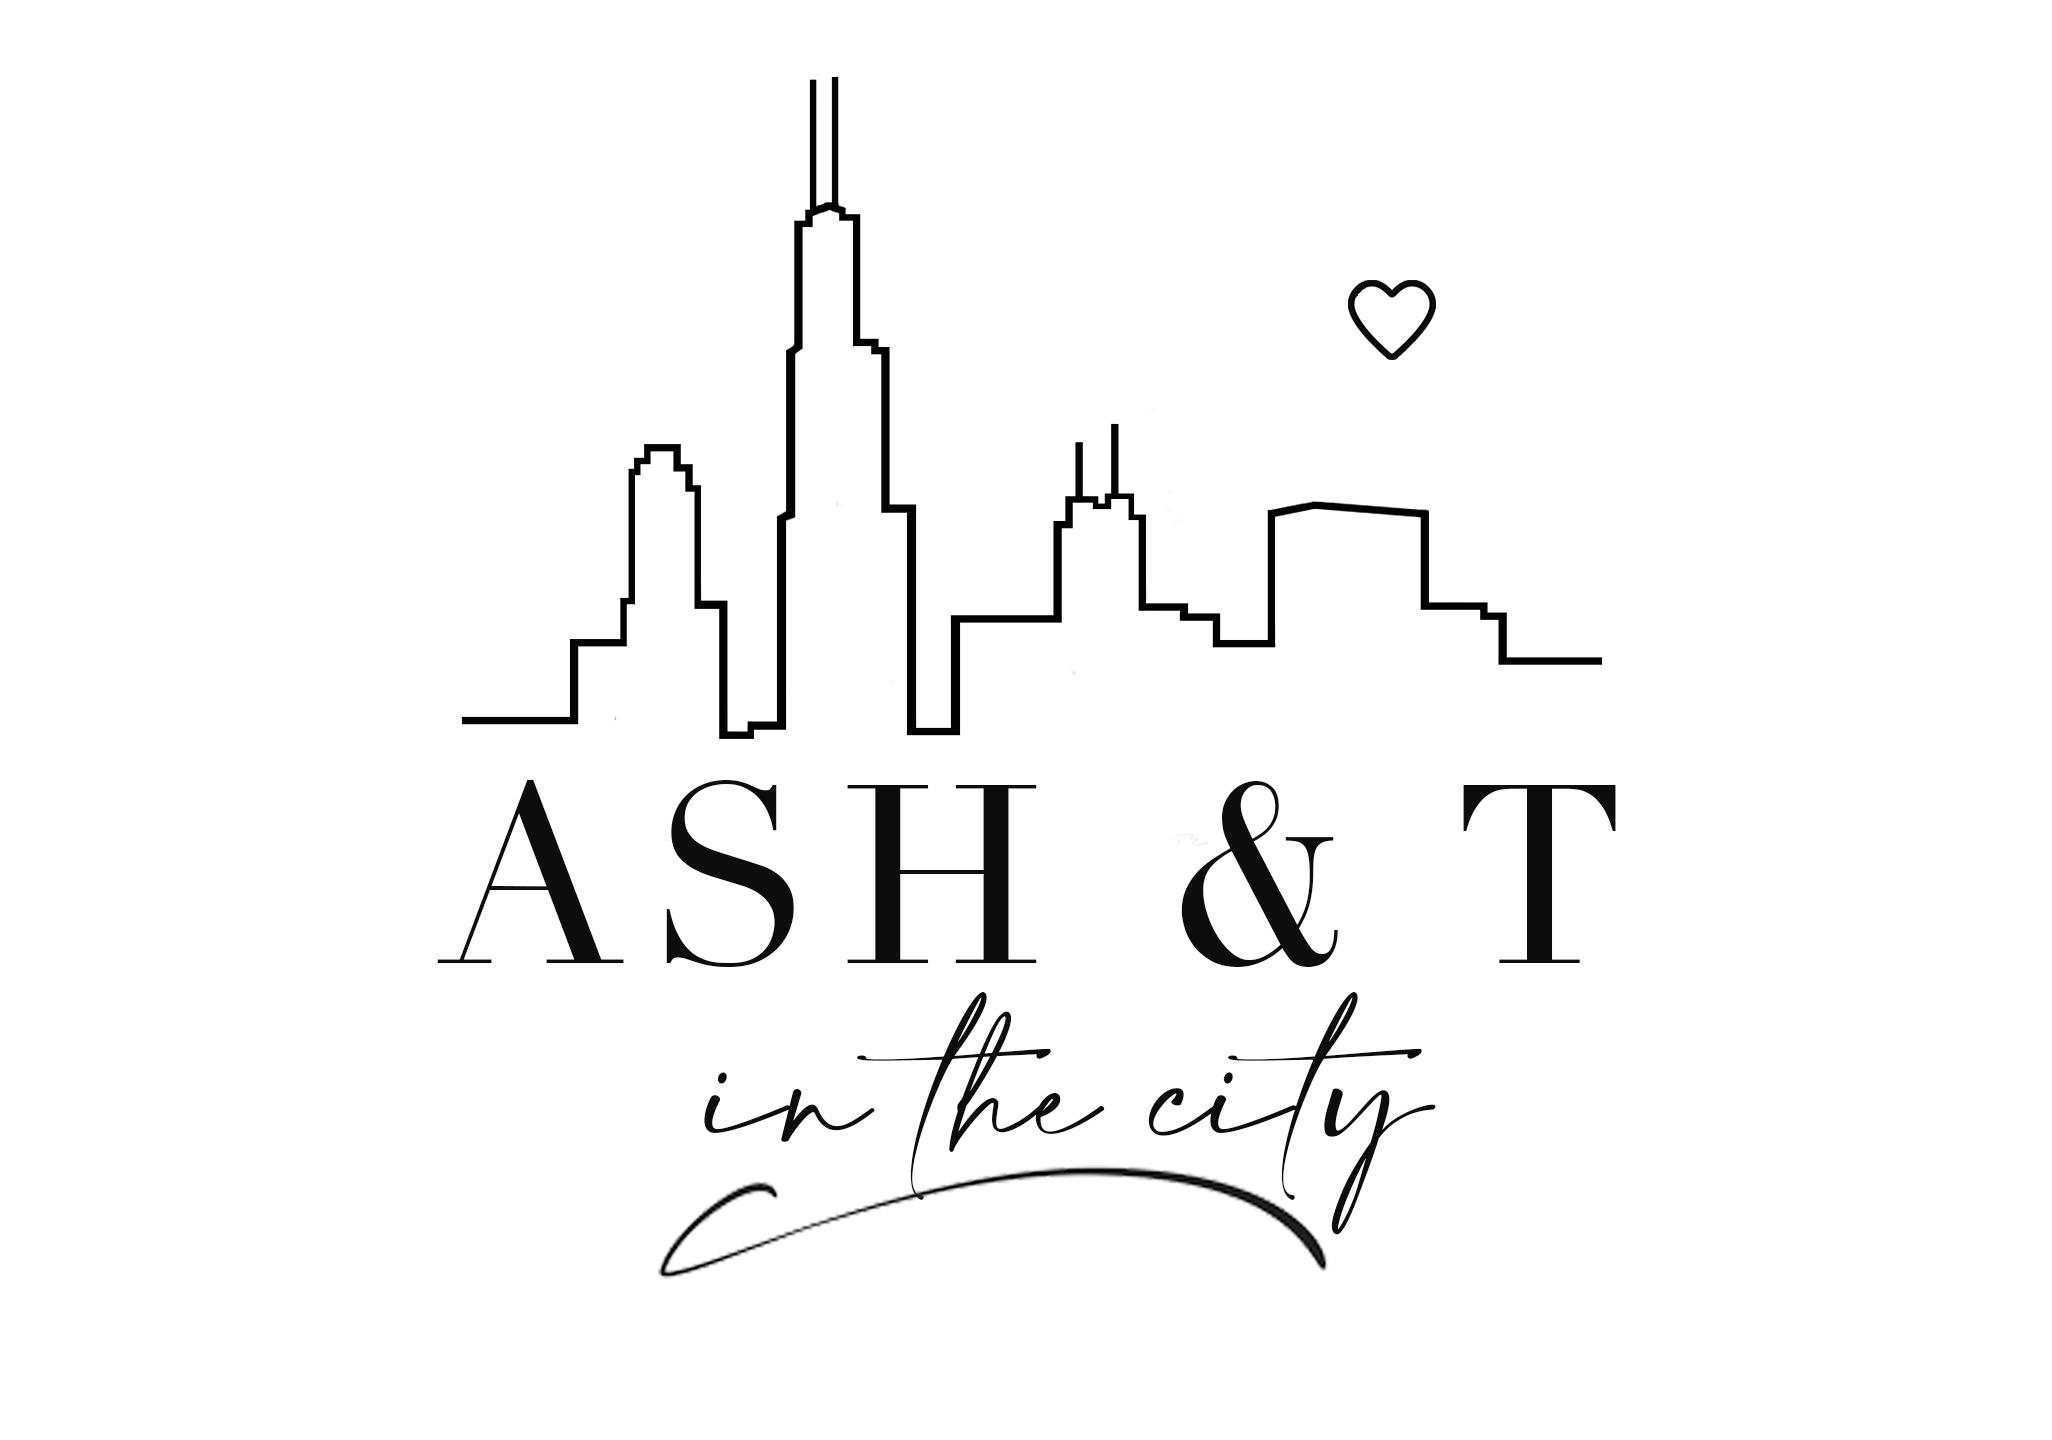 ash&t